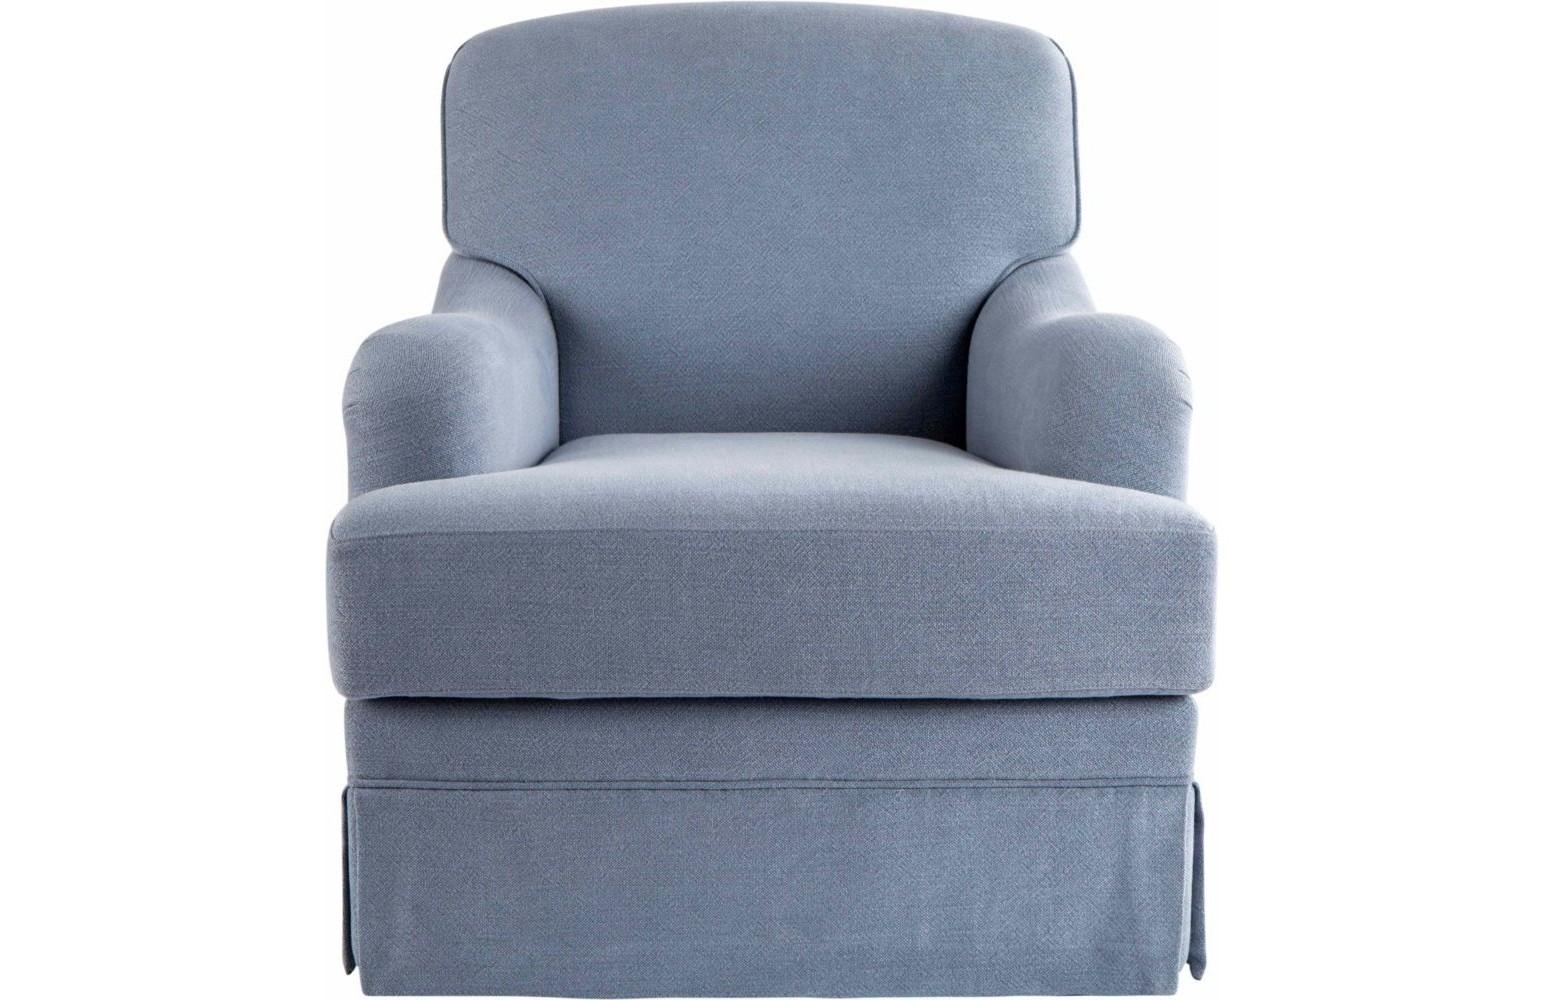 КреслоИнтерьерные кресла<br><br><br>Material: Текстиль<br>Ширина см: 88<br>Высота см: 92<br>Глубина см: 103